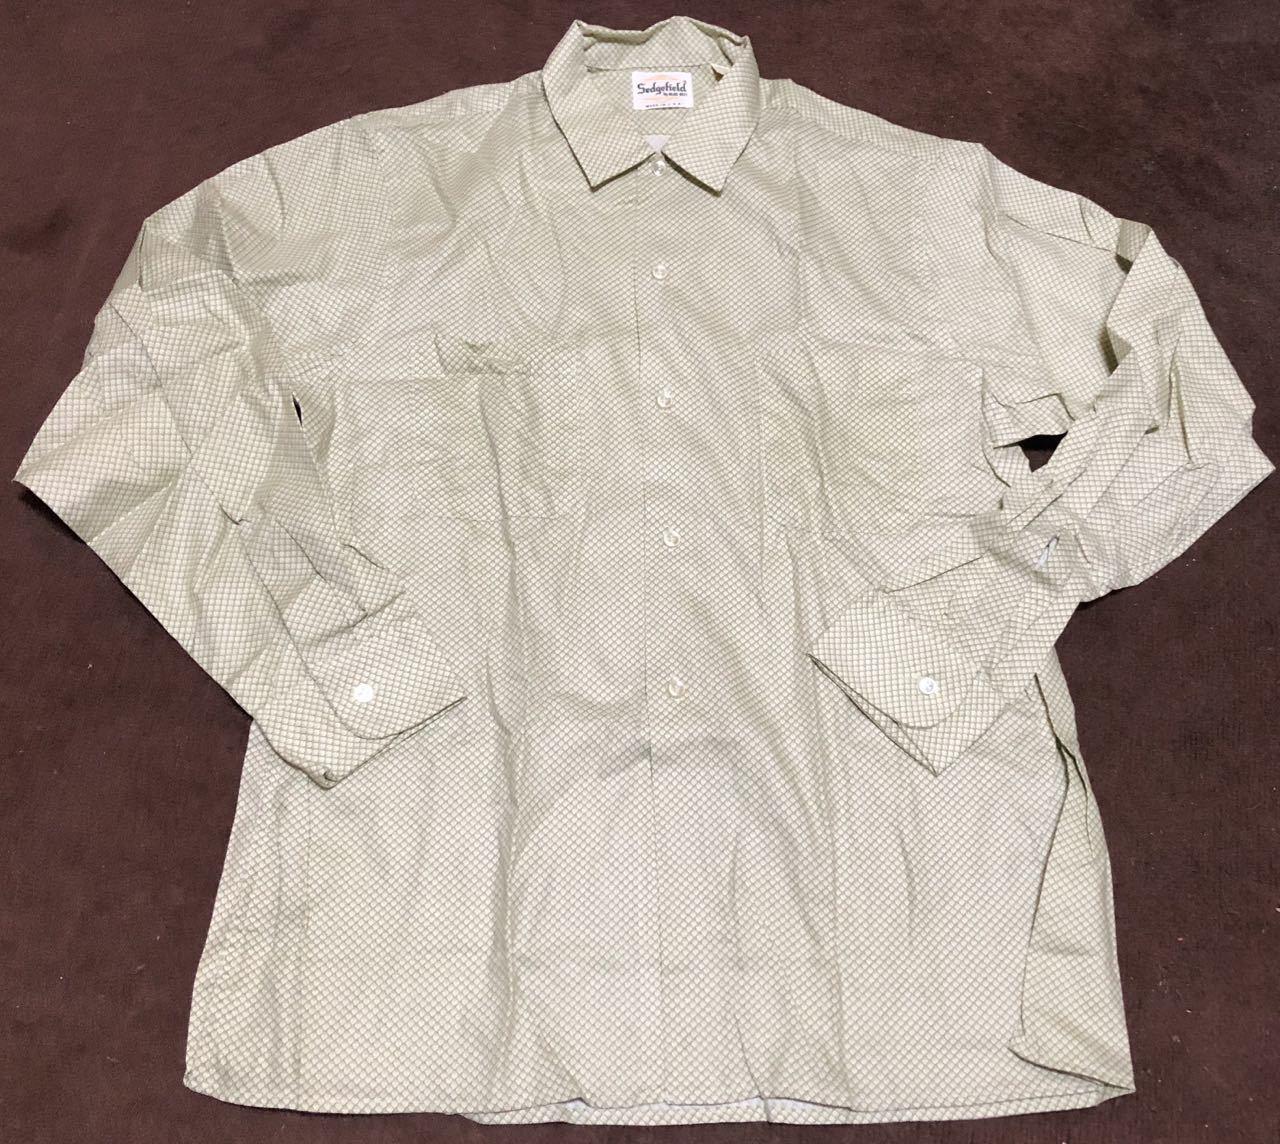 アメリカ仕入れ情報#32 デッドストック 60s all cotton  Sedgefield by BLUE BELL シャツ!_c0144020_14571649.jpg